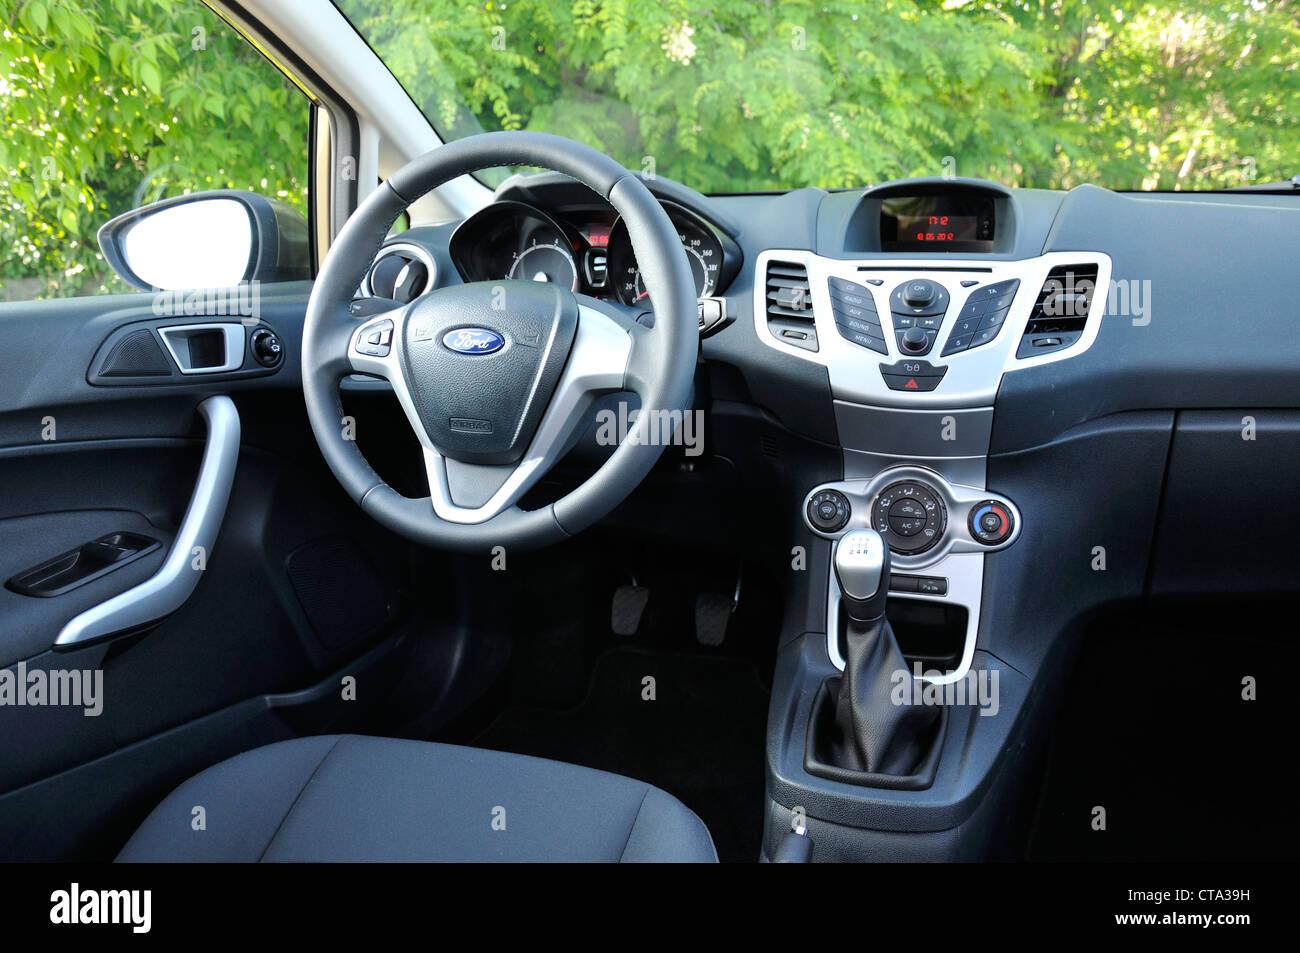 Ford Fiesta - mein 2008 (FL 2012) - beliebte deutsche kleine ...